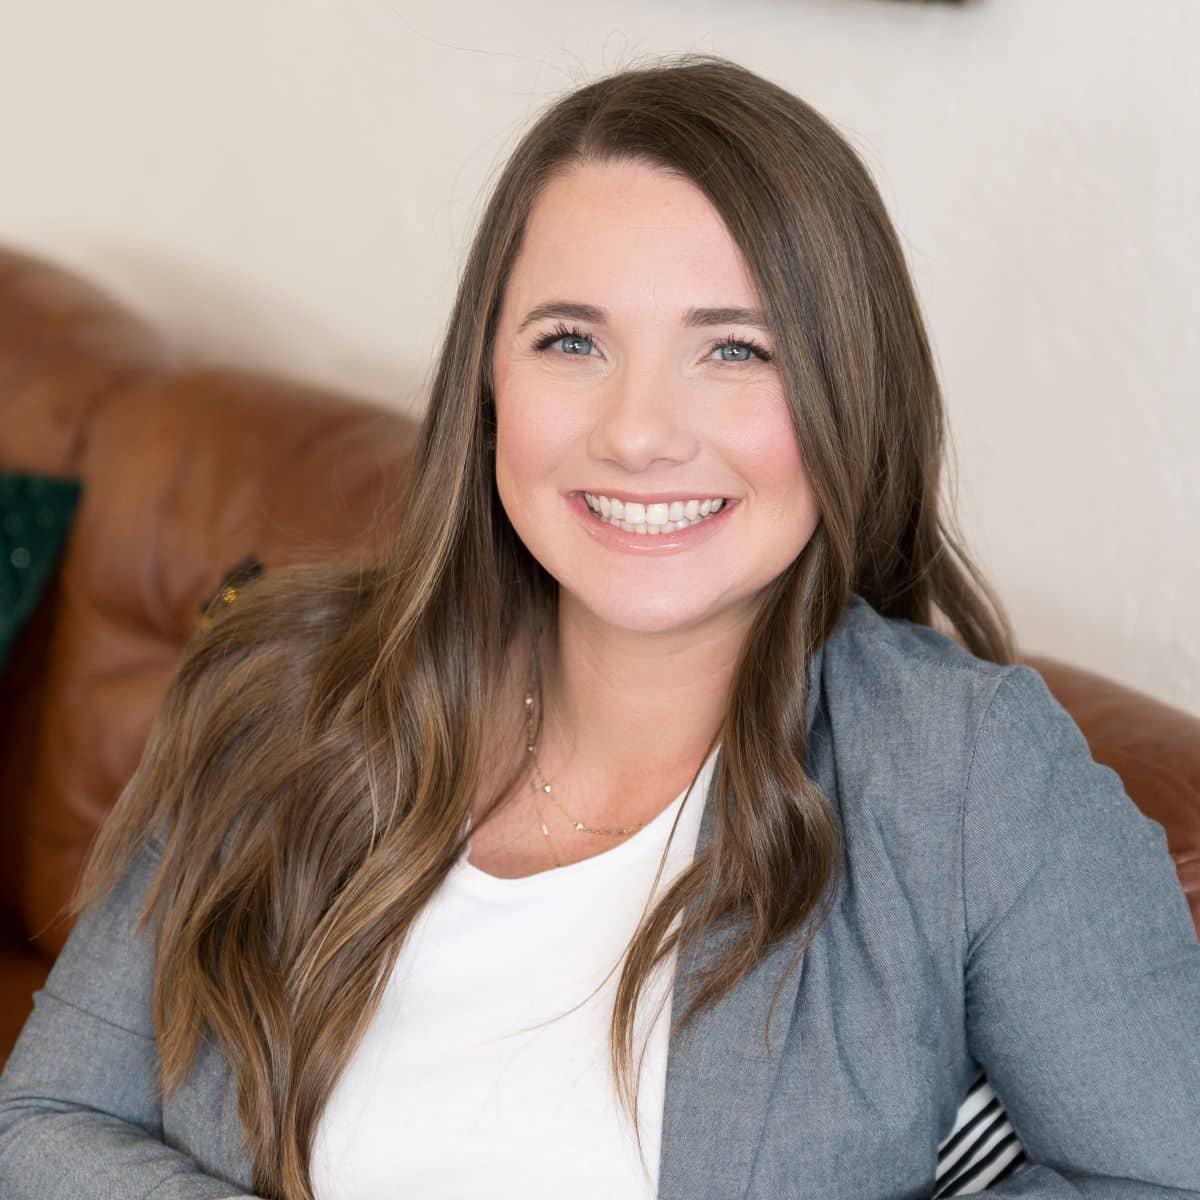 Alyssa McDowell, Oklahoma's Best Realtor